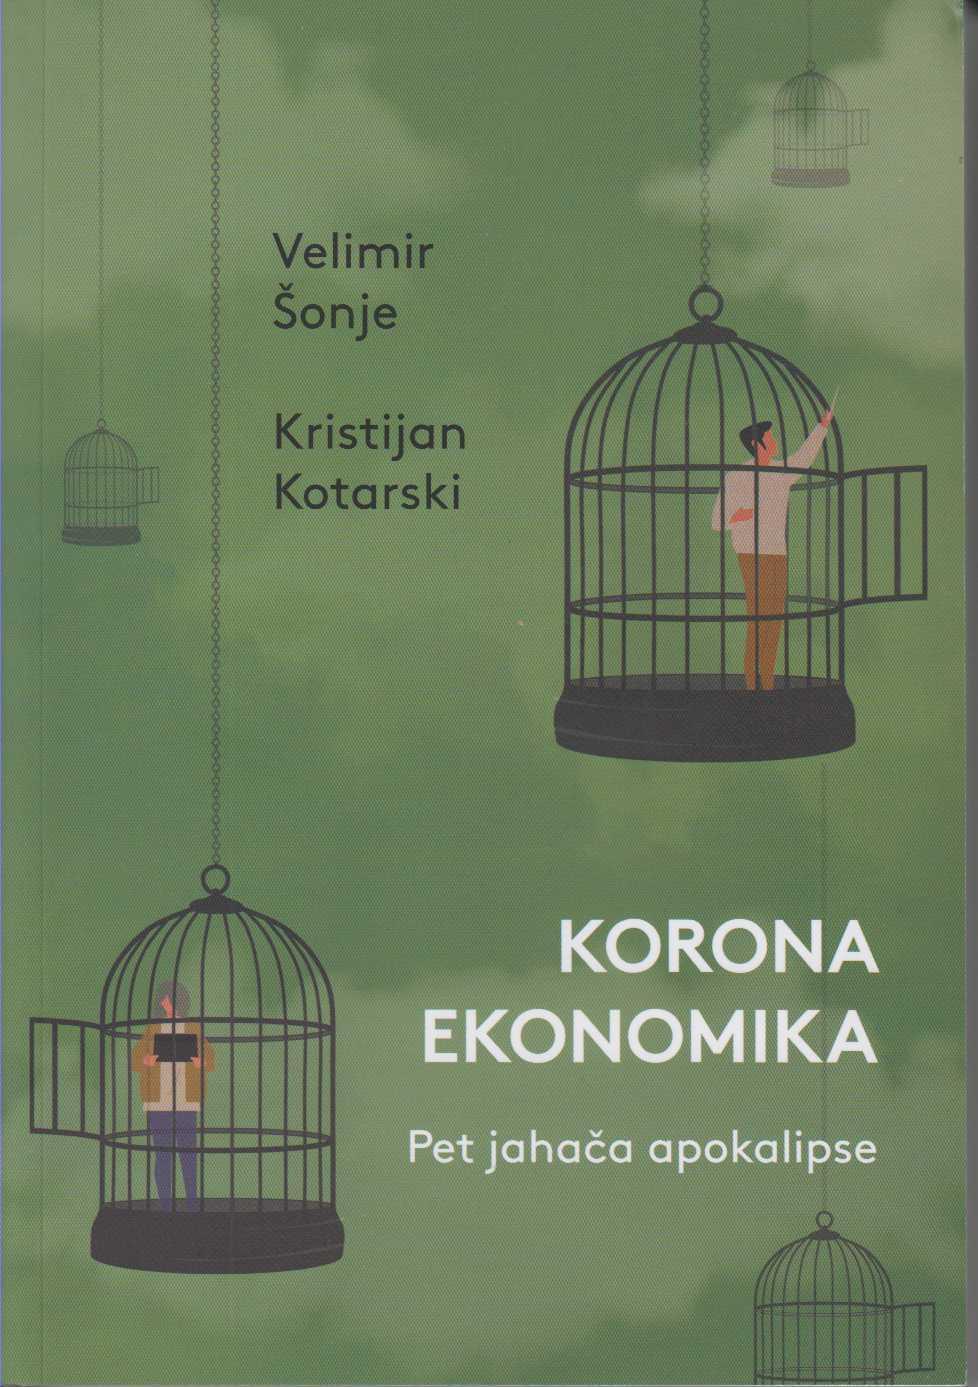 Koronaekonomika